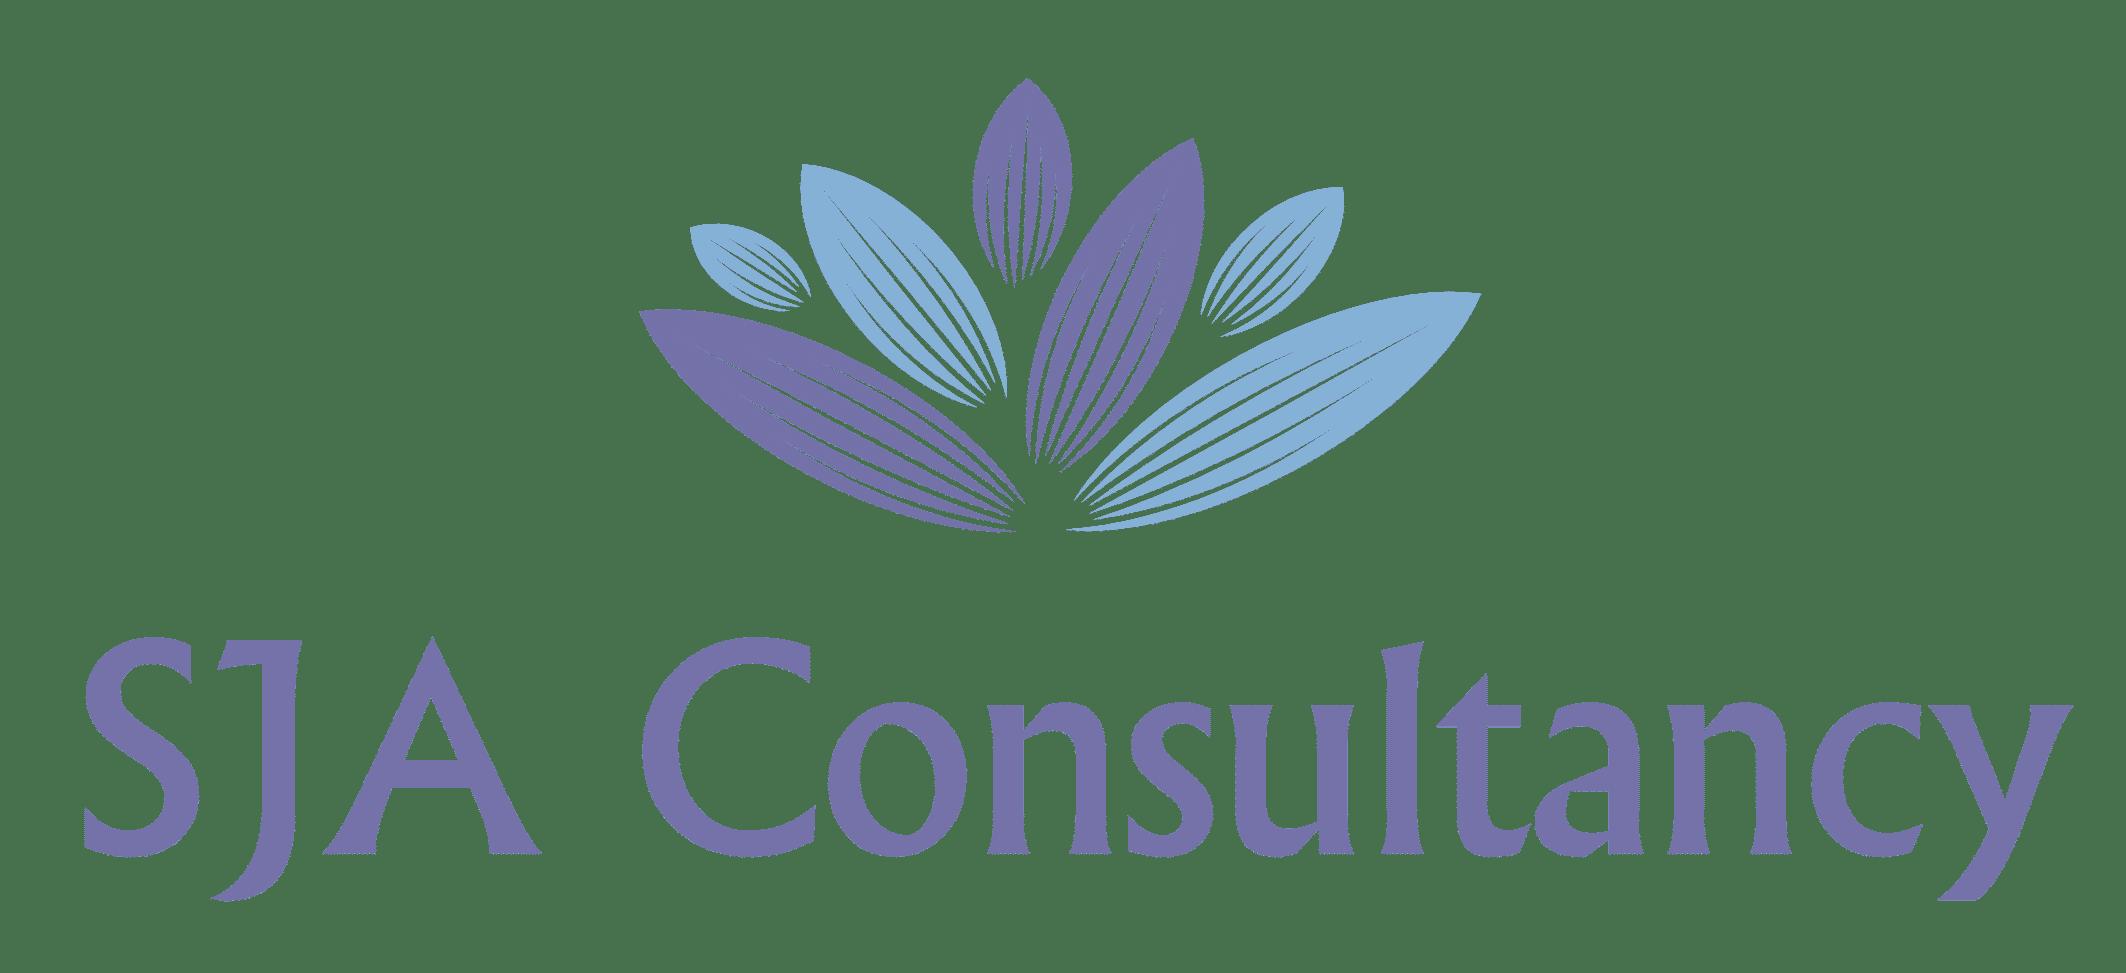 SJA Consultancy